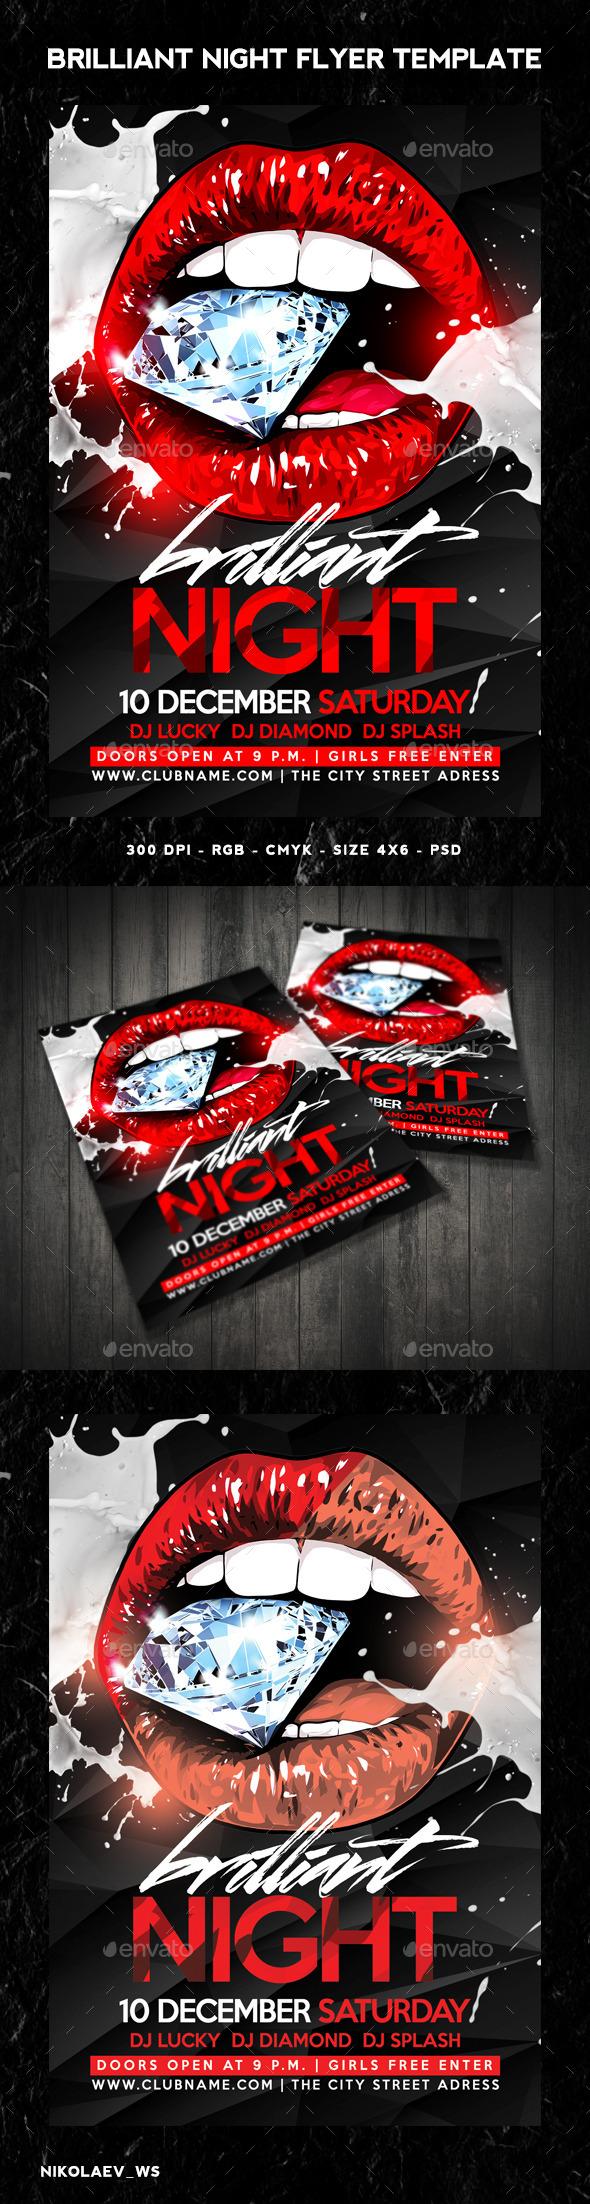 GraphicRiver Brilliant Night Flyer 9442631